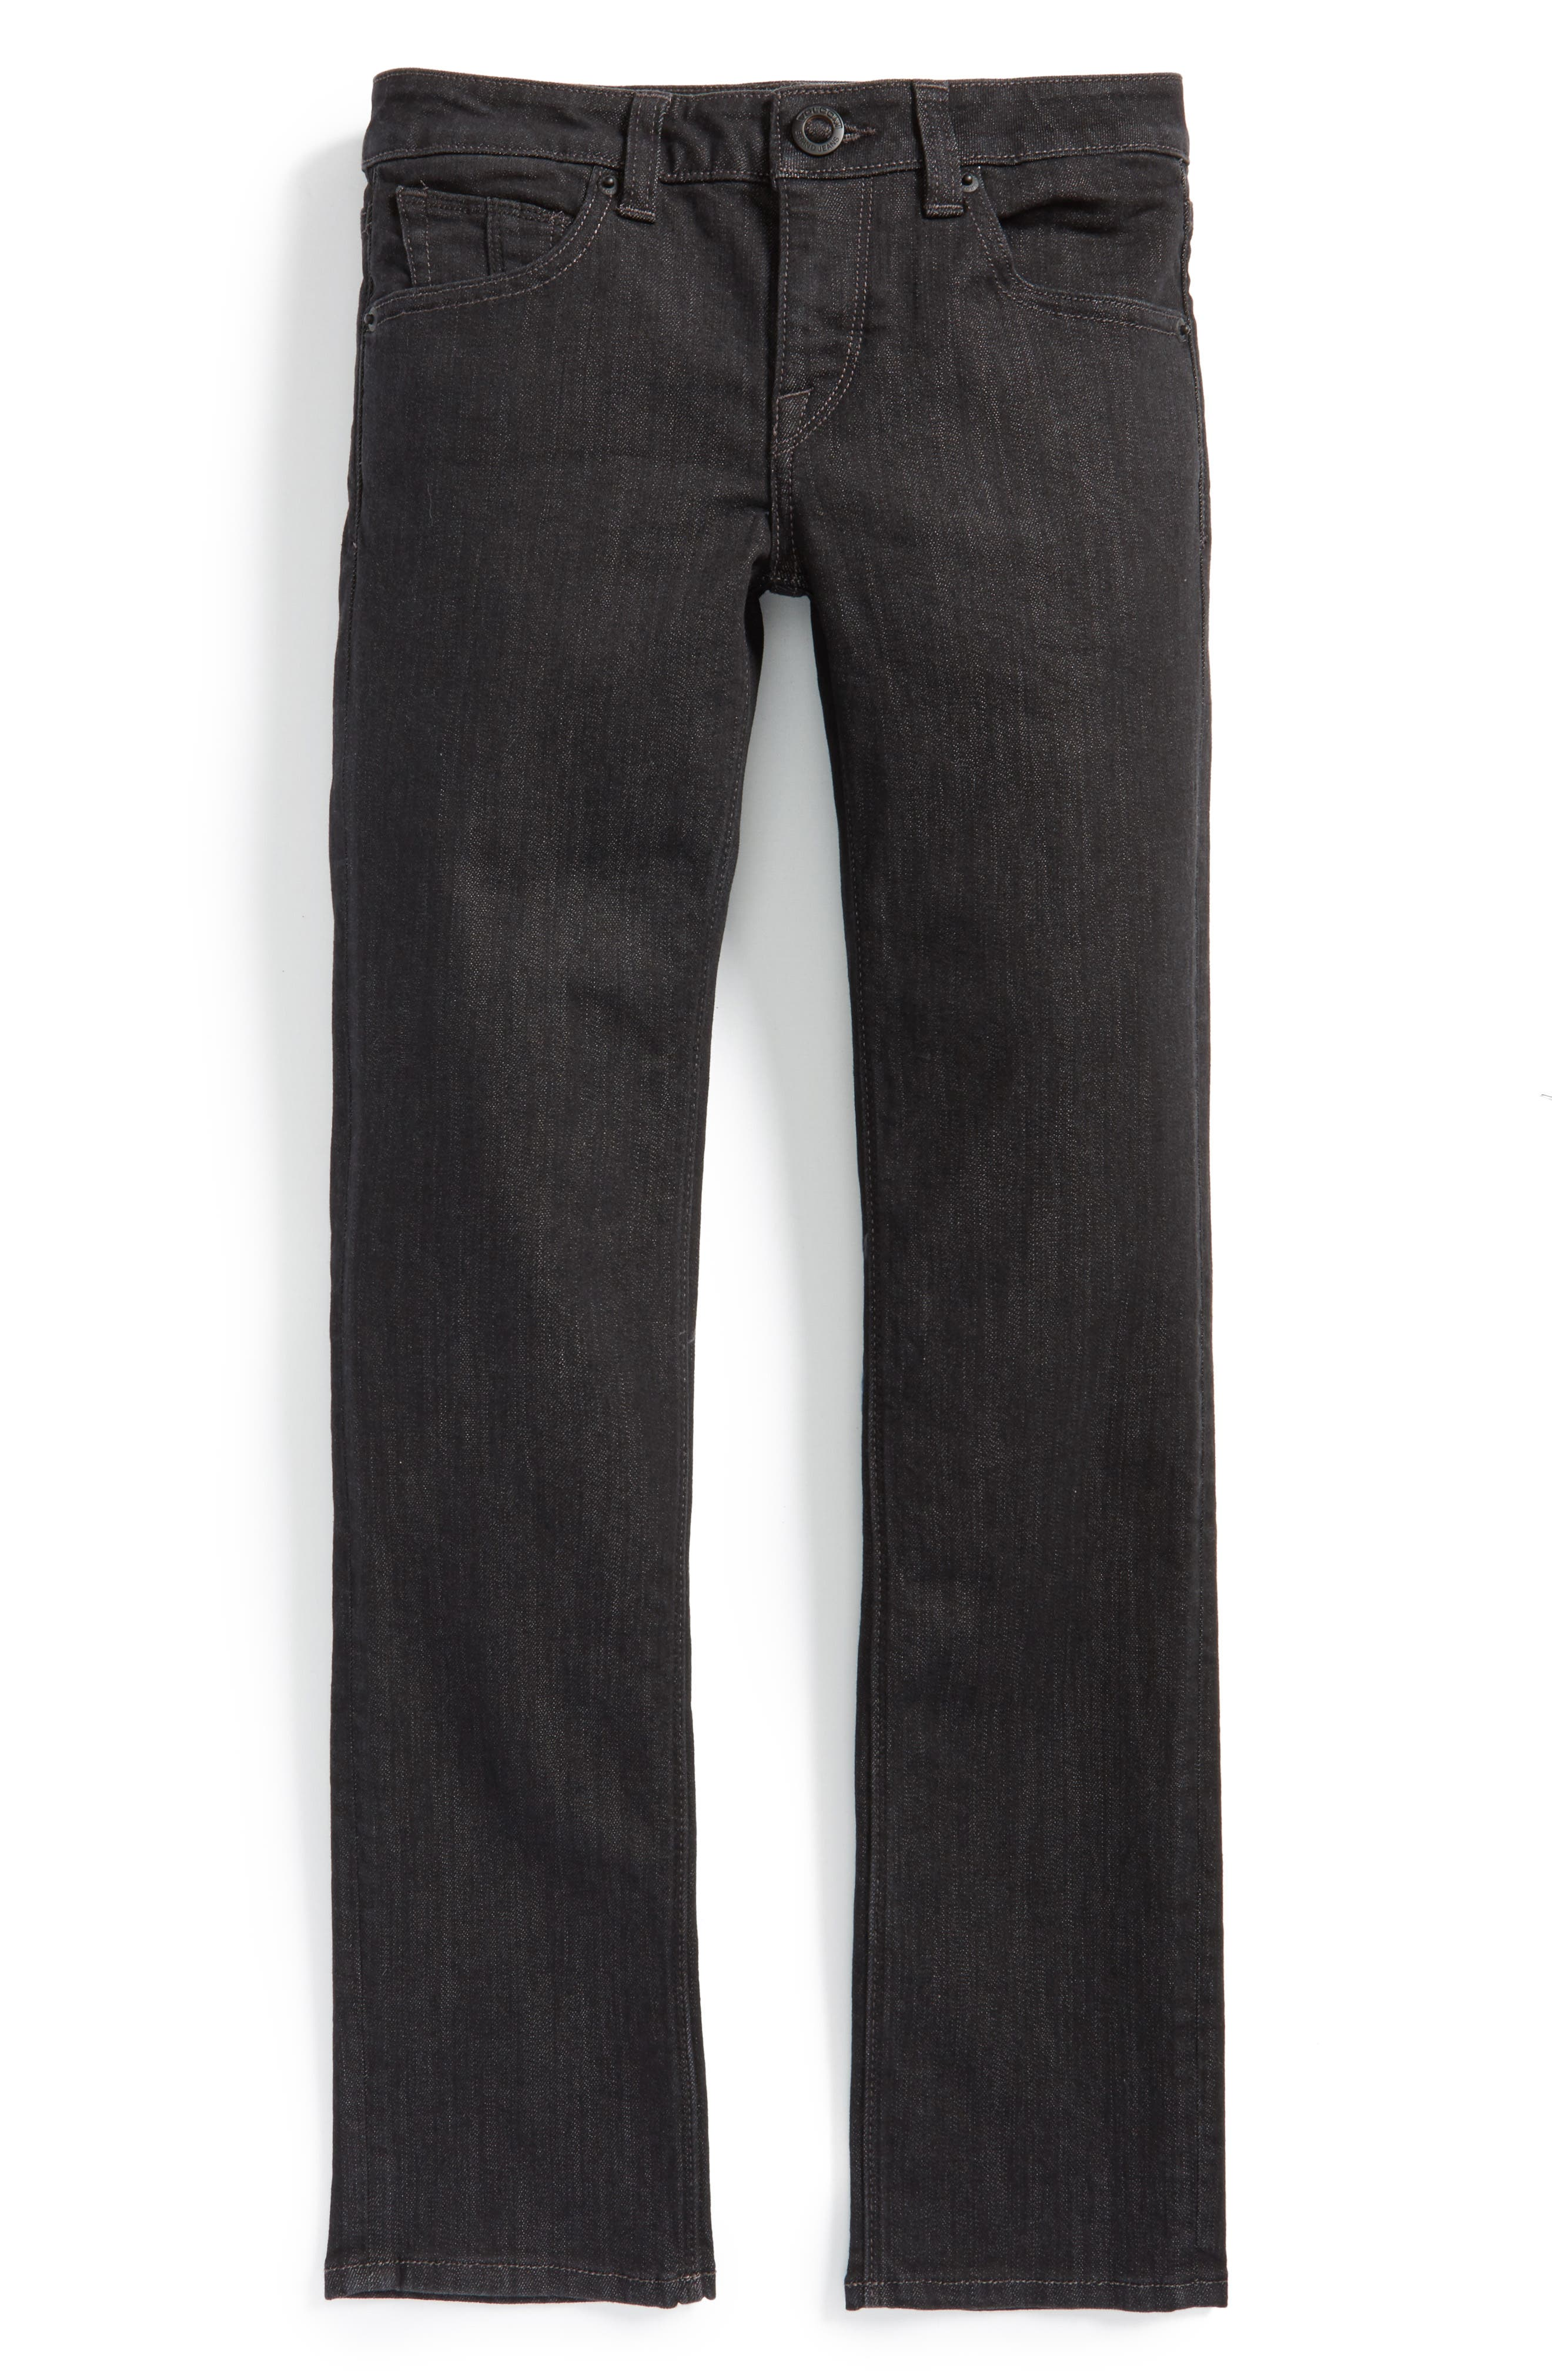 Vorta Slim Fit Jeans,                             Alternate thumbnail 4, color,                             005